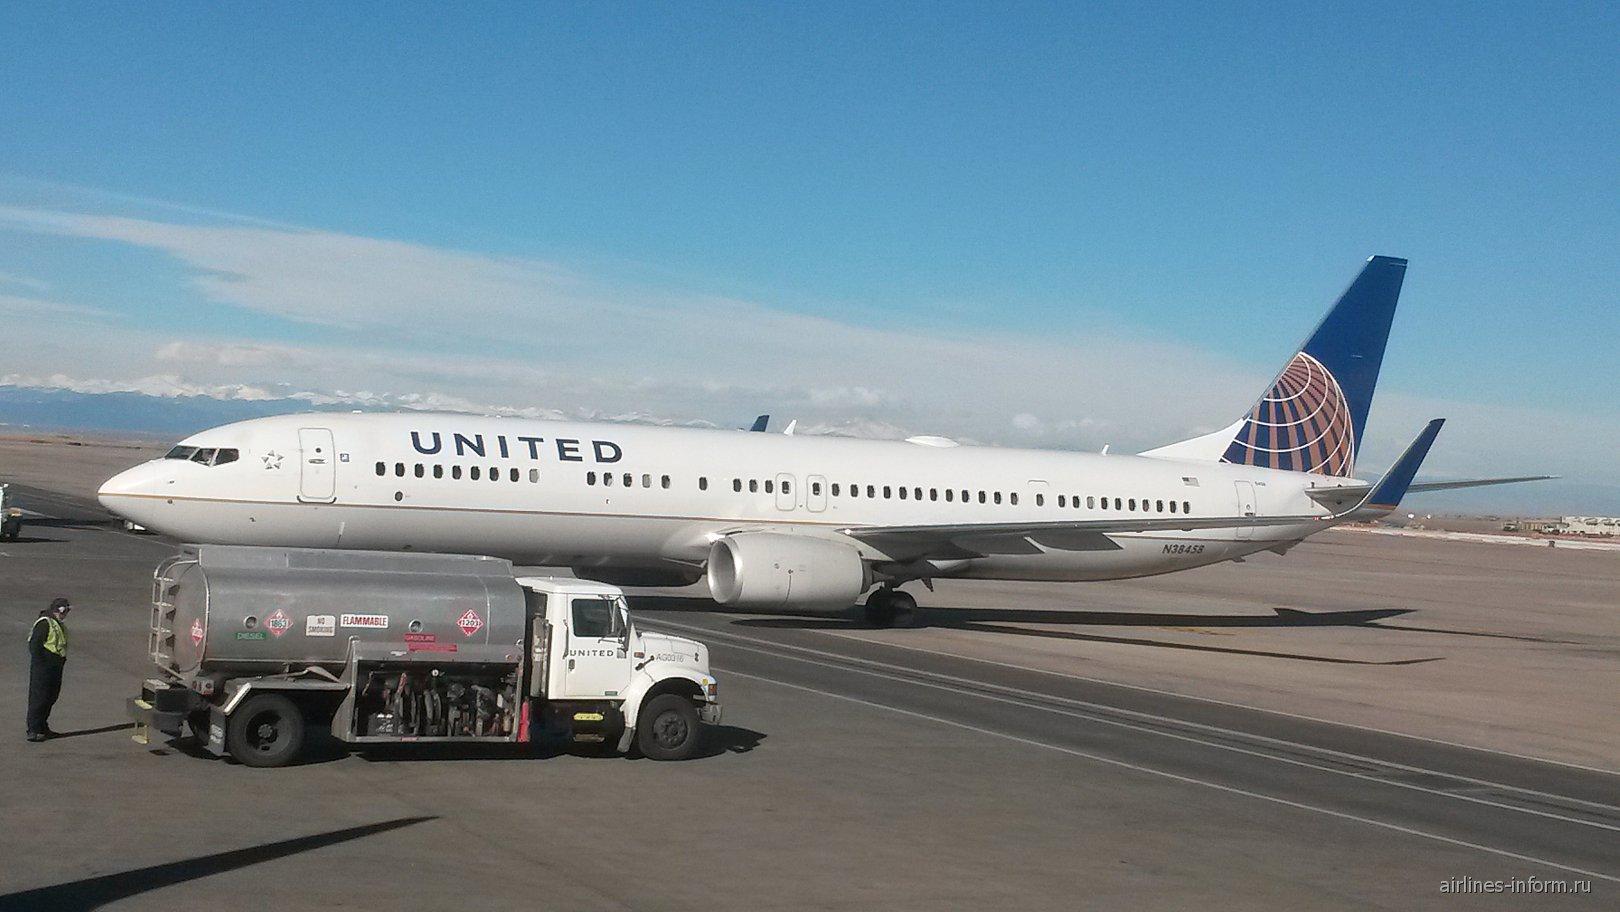 Денвер - Бостон с United Airlines или мой опаснейший полет который я видел!